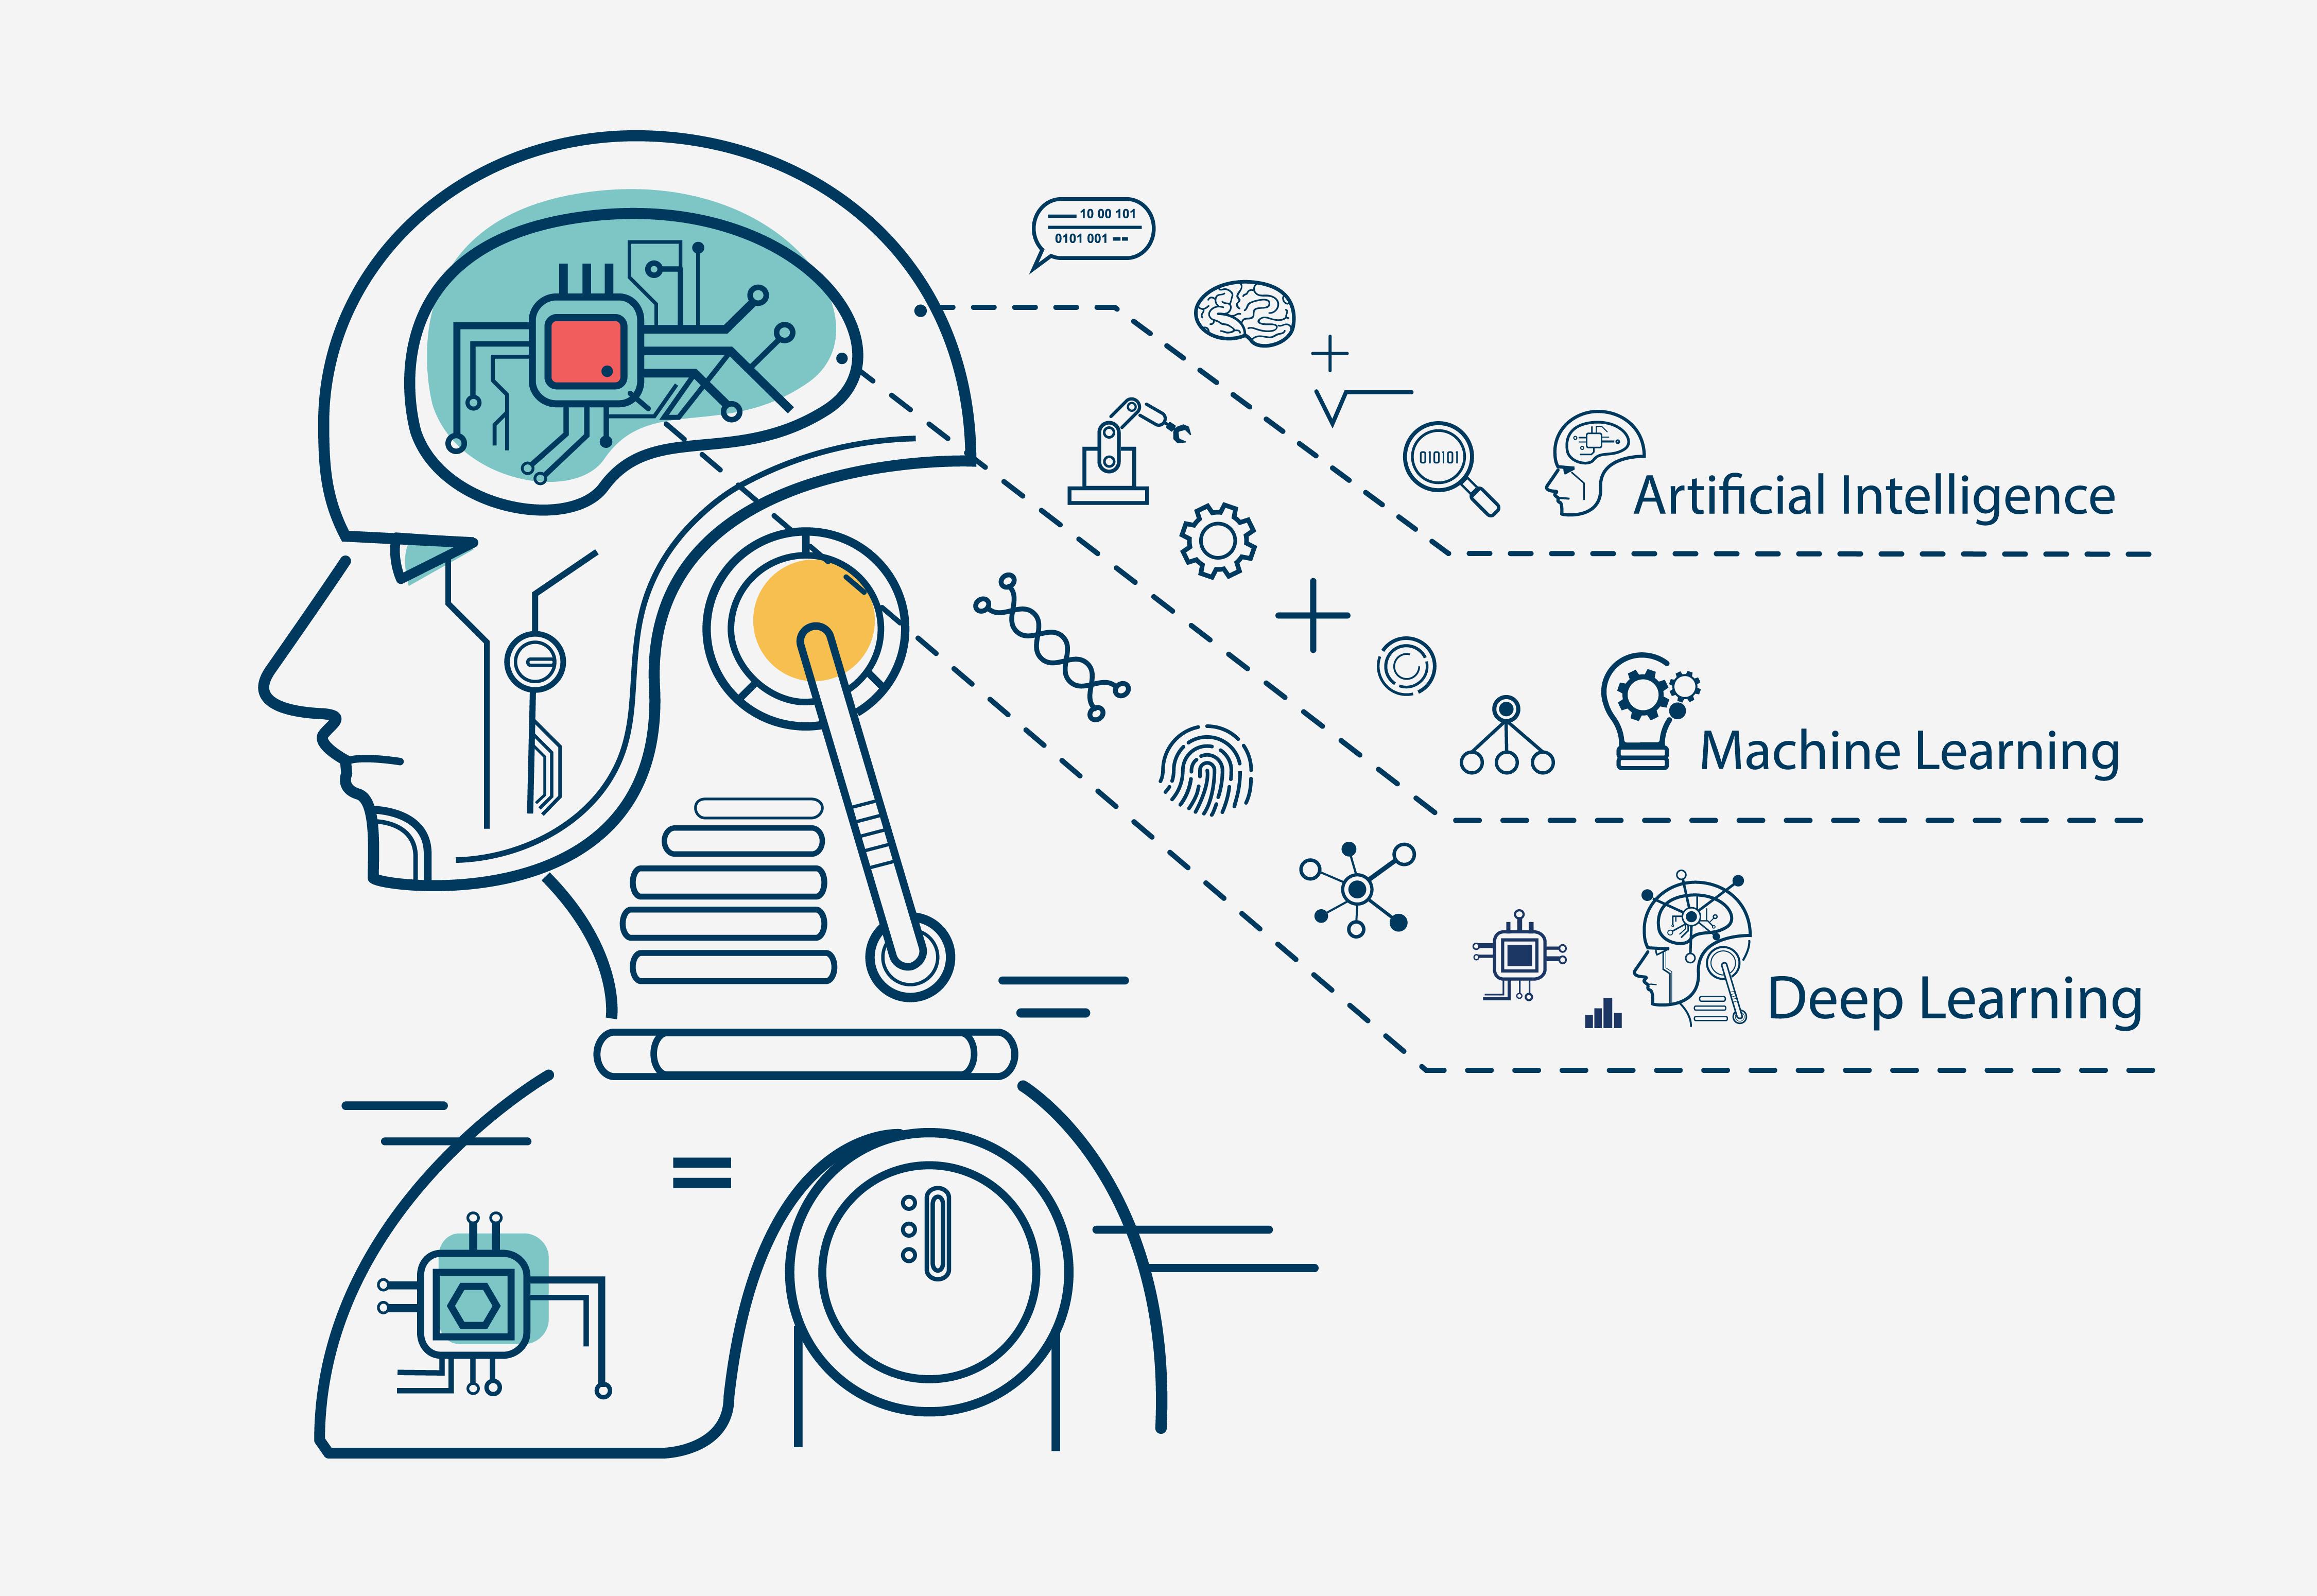 機械学習とディープラーニングのイメージ画像